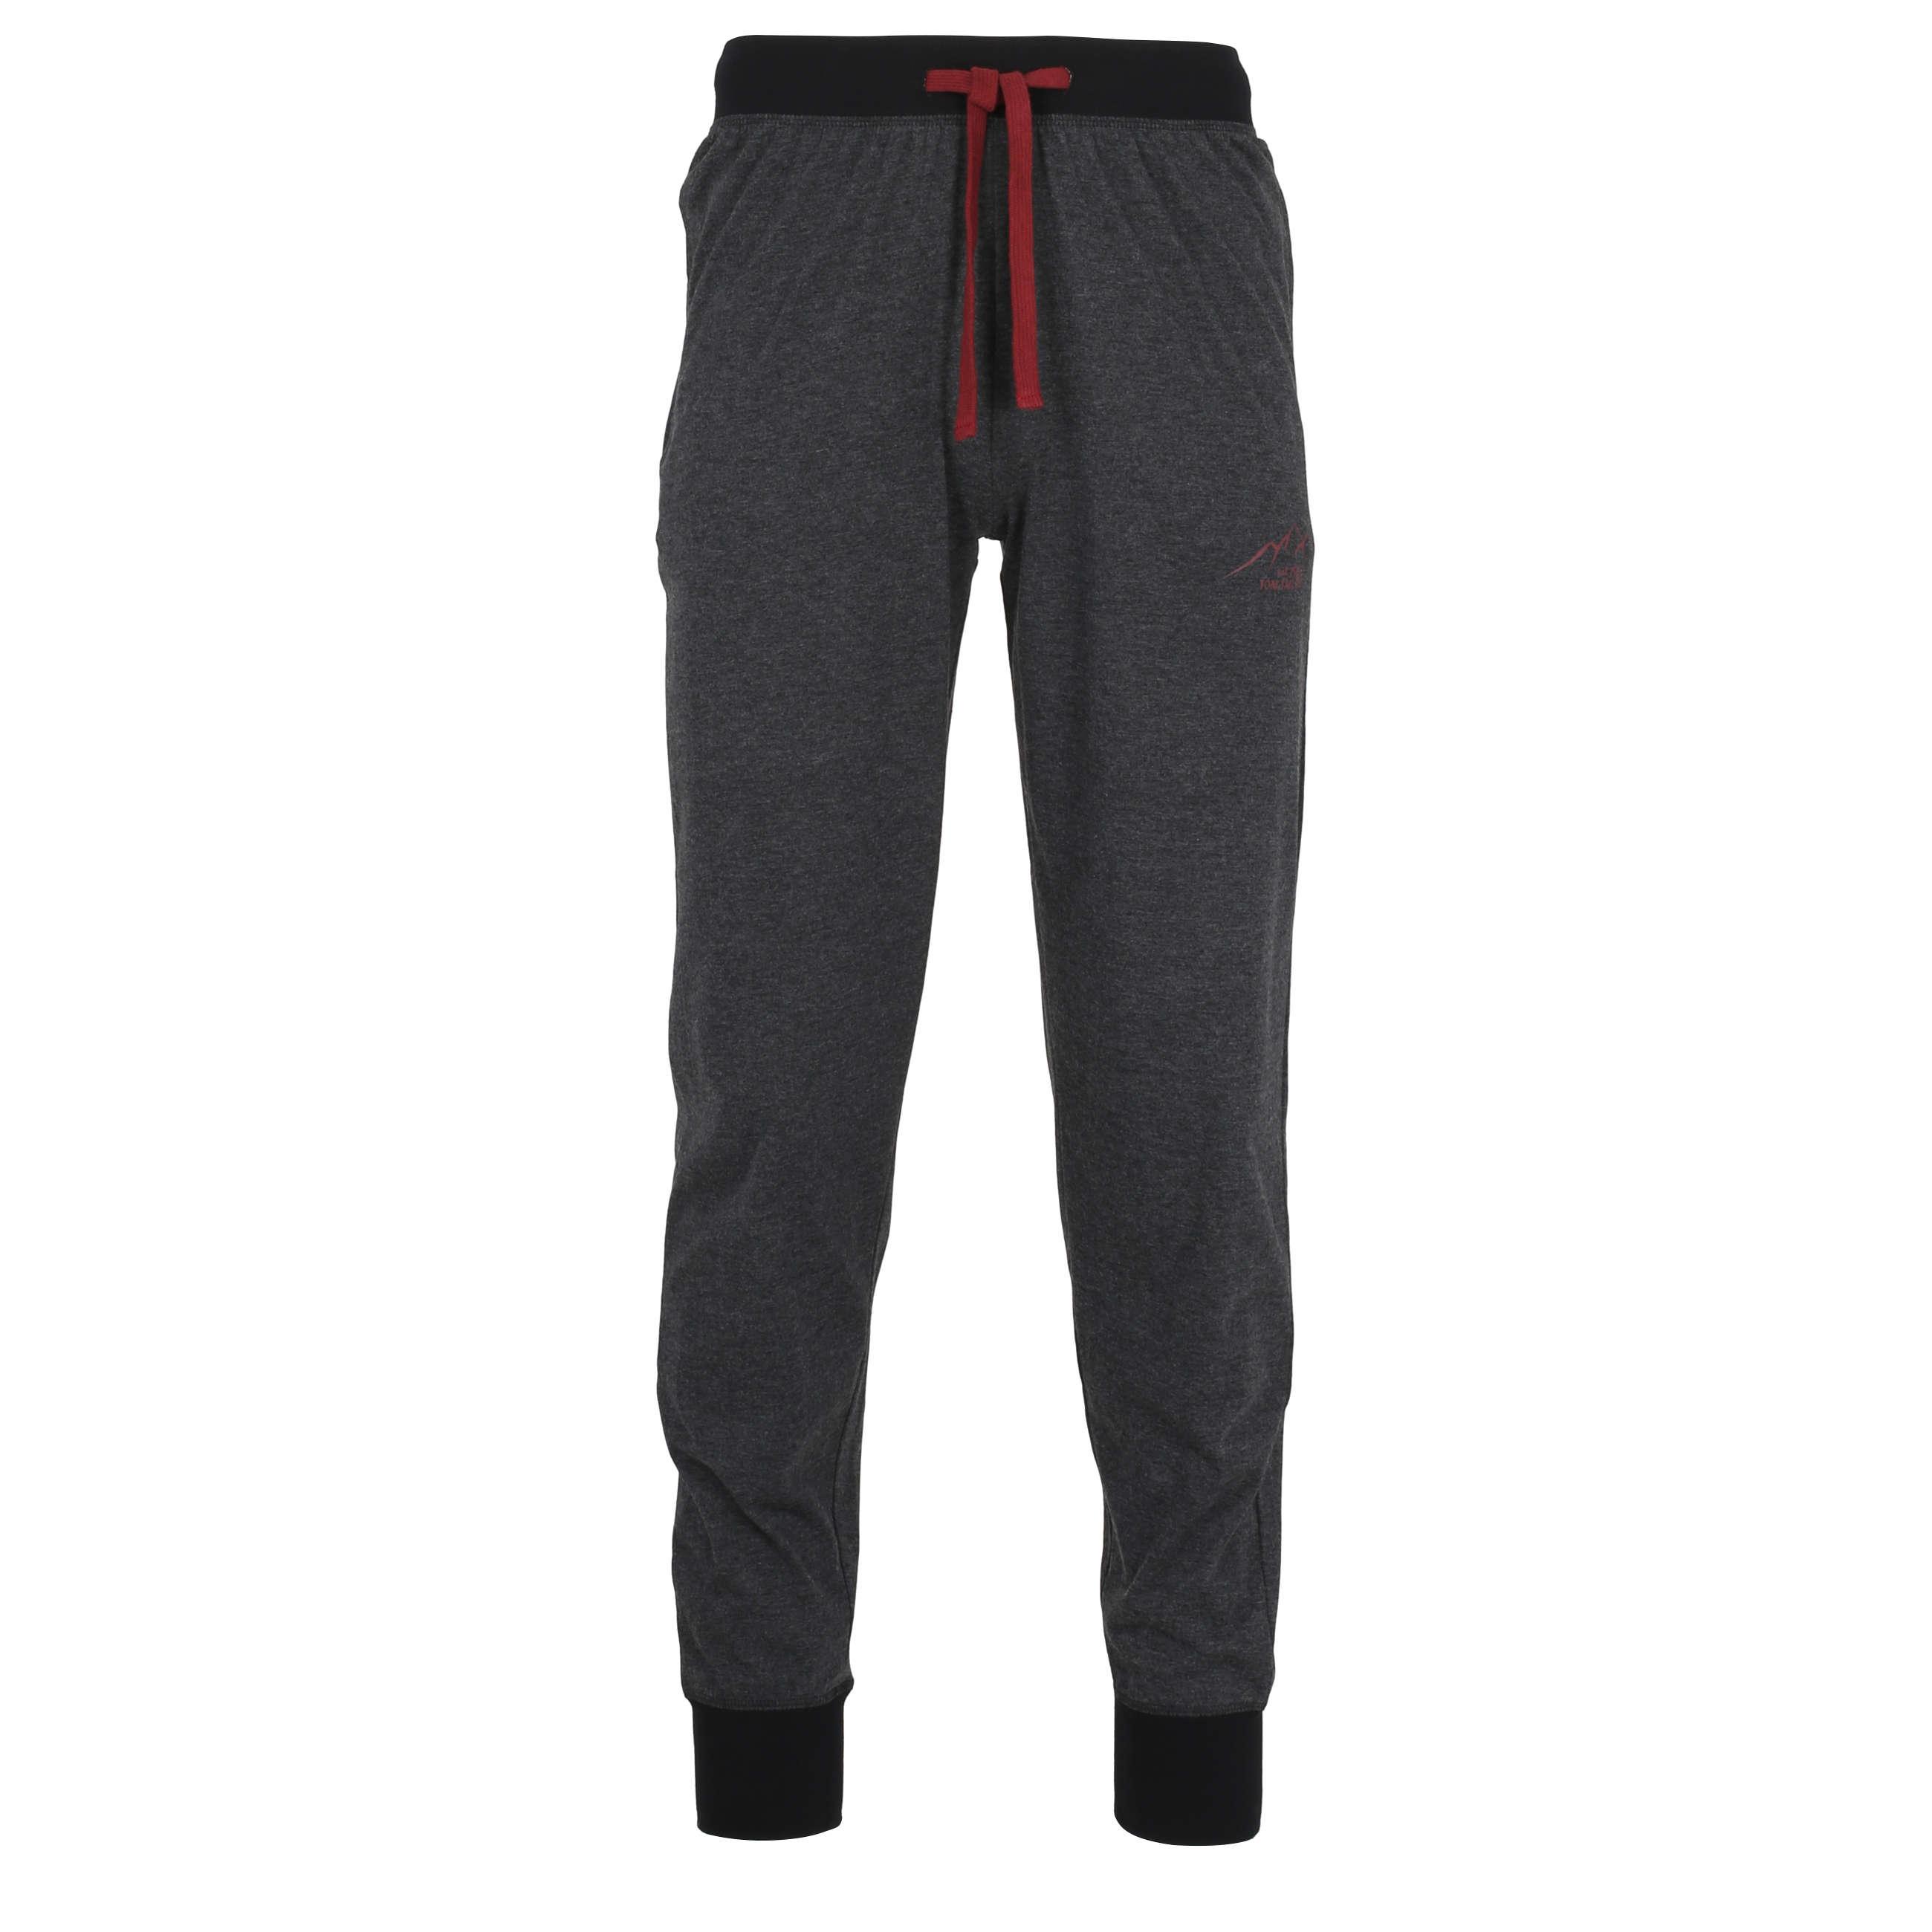 Pyjama Hose, lang, Bündchen